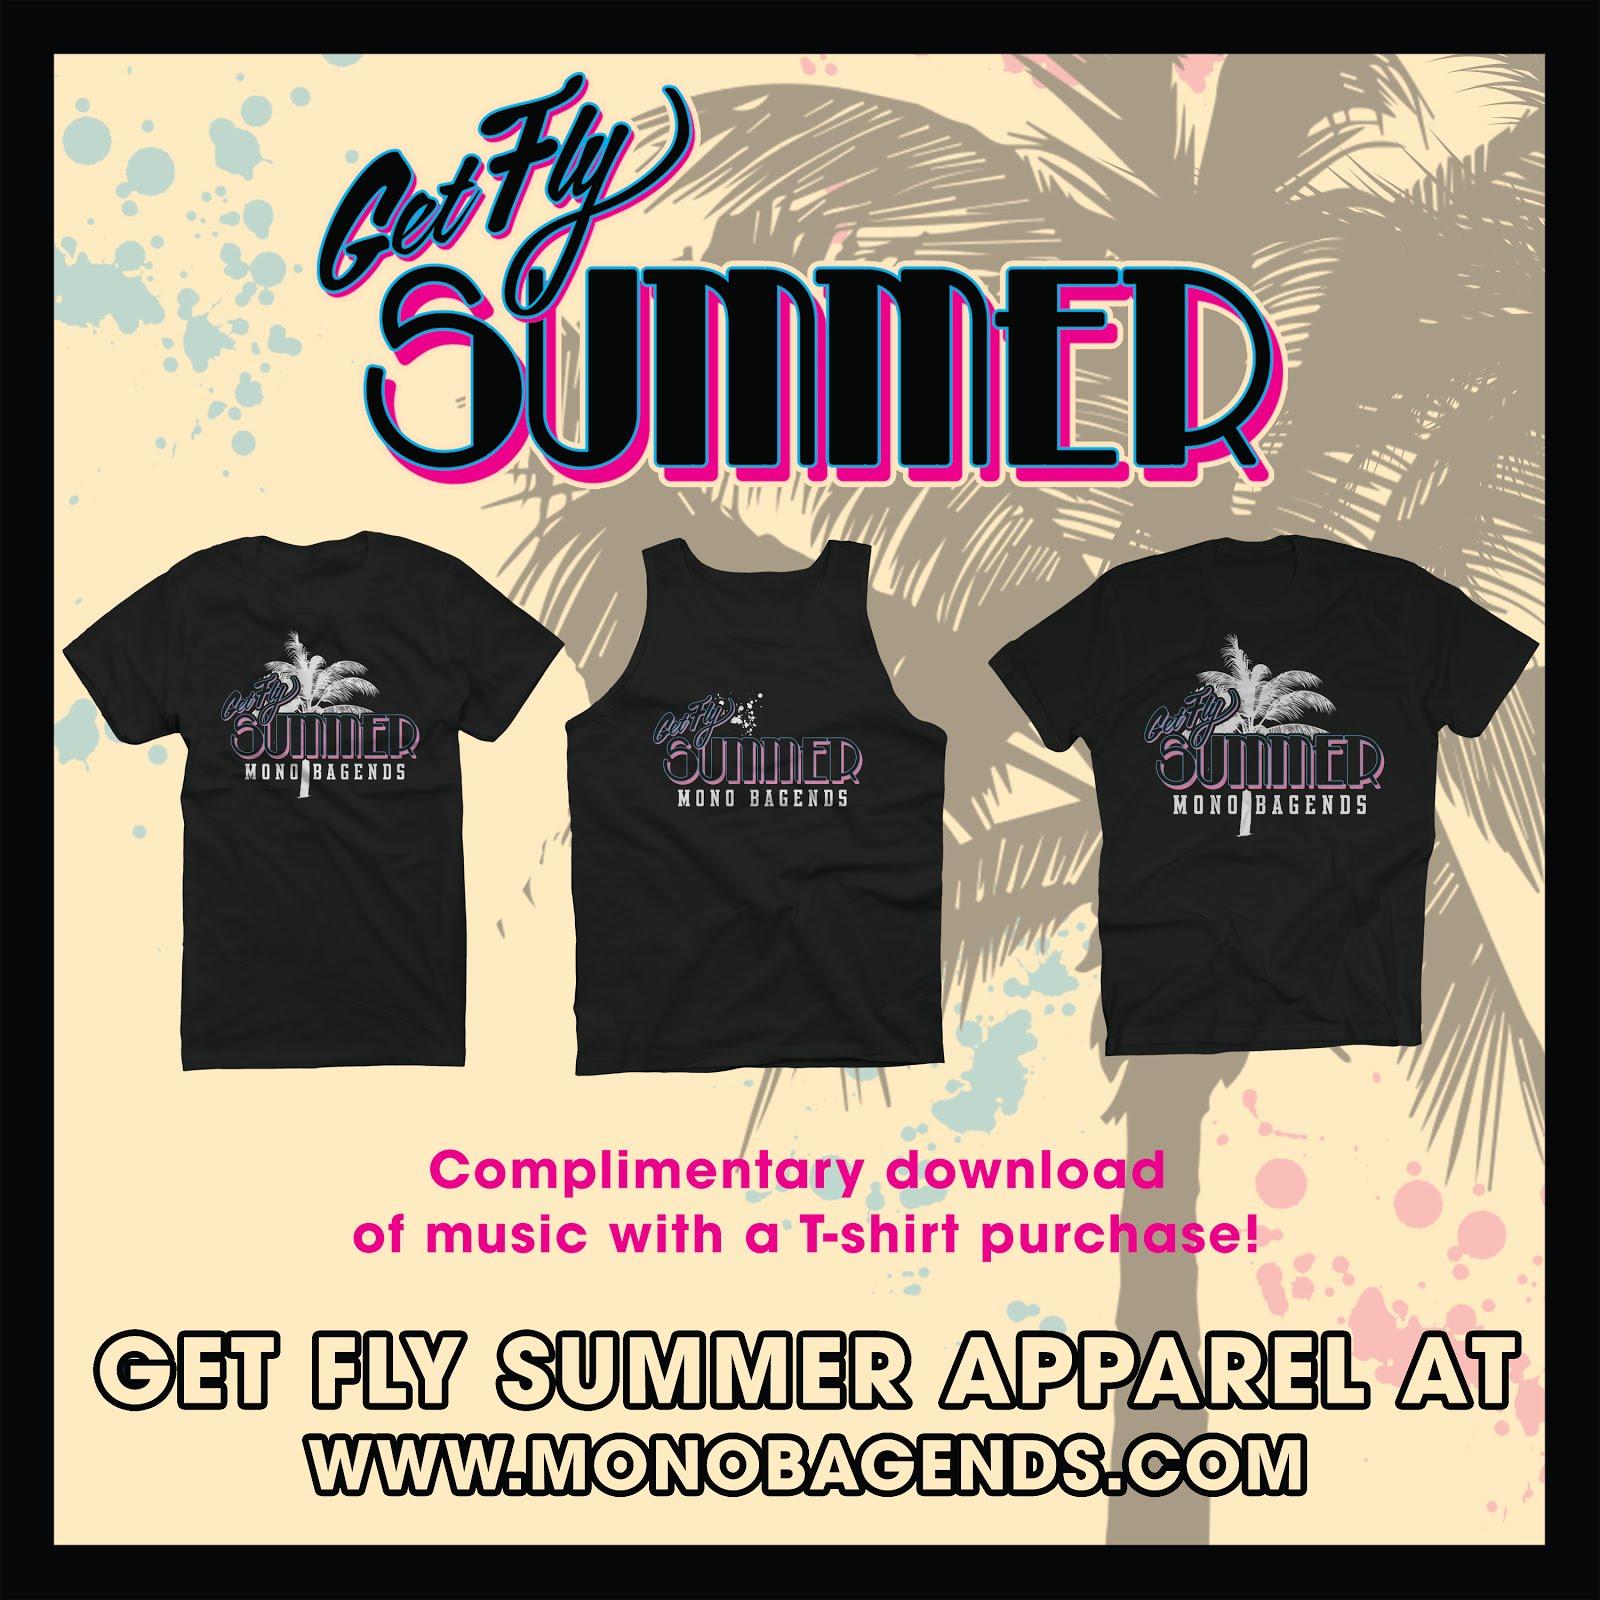 Get Fly Summer Apparel